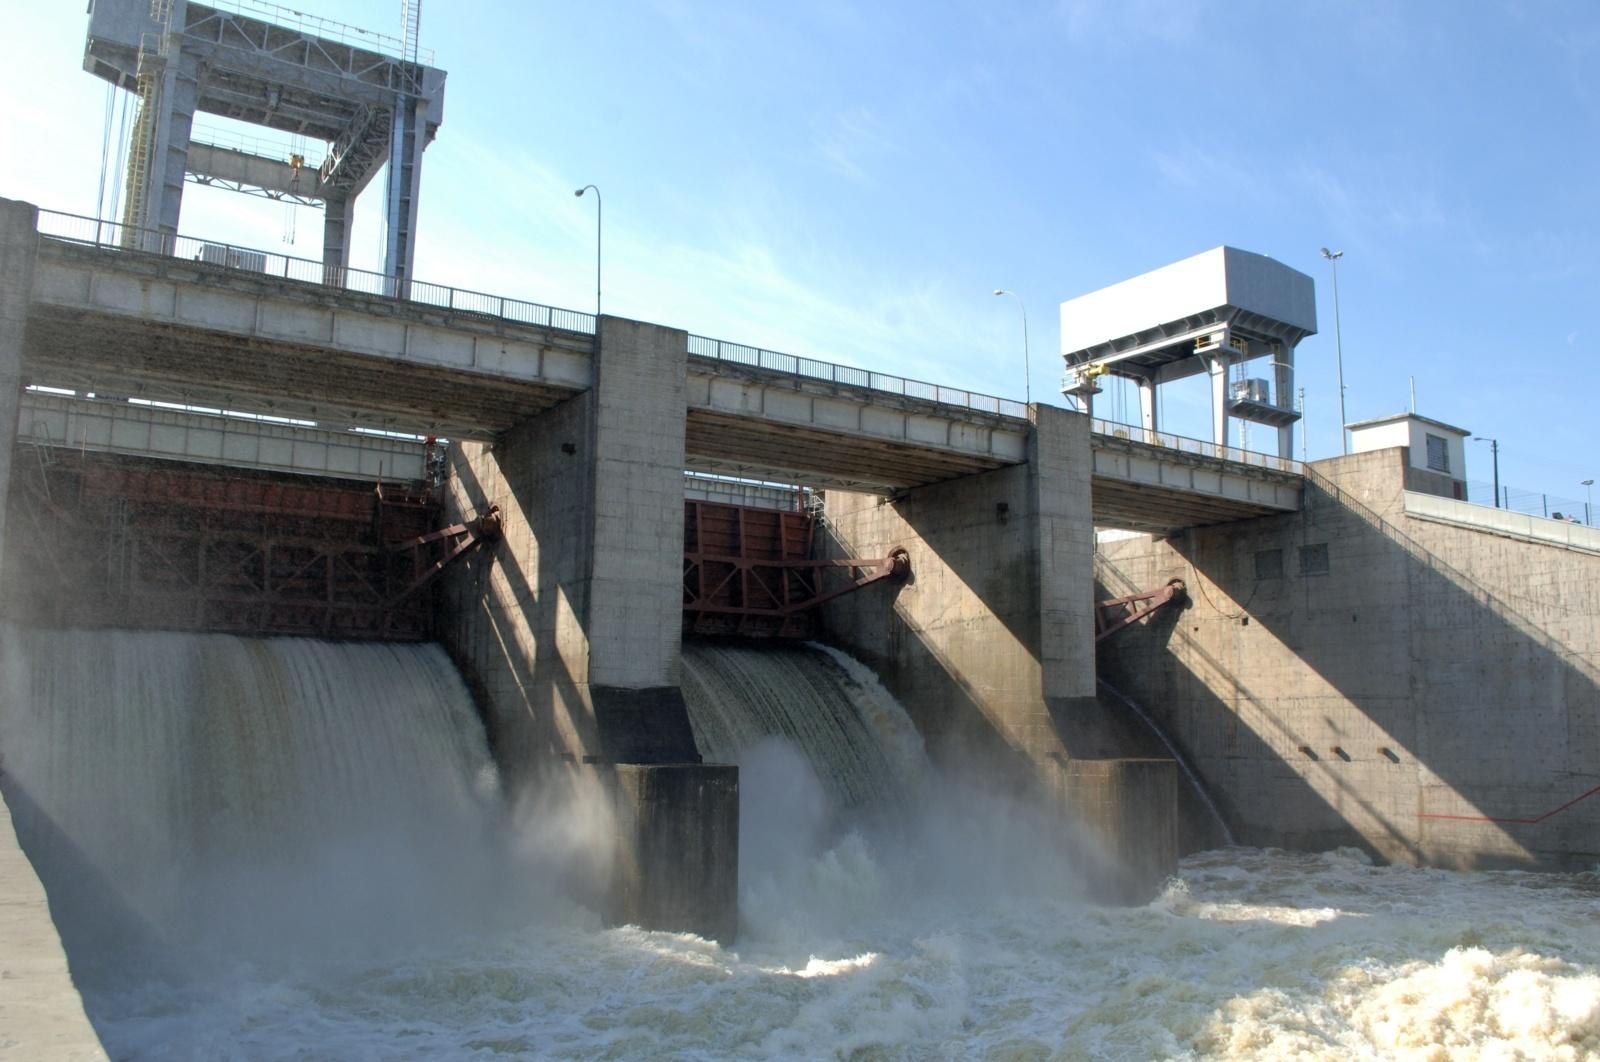 Vidaus vandens kelių direkcija kreipiasi į teismą: laivybą Nemune gramzdina biurokratija